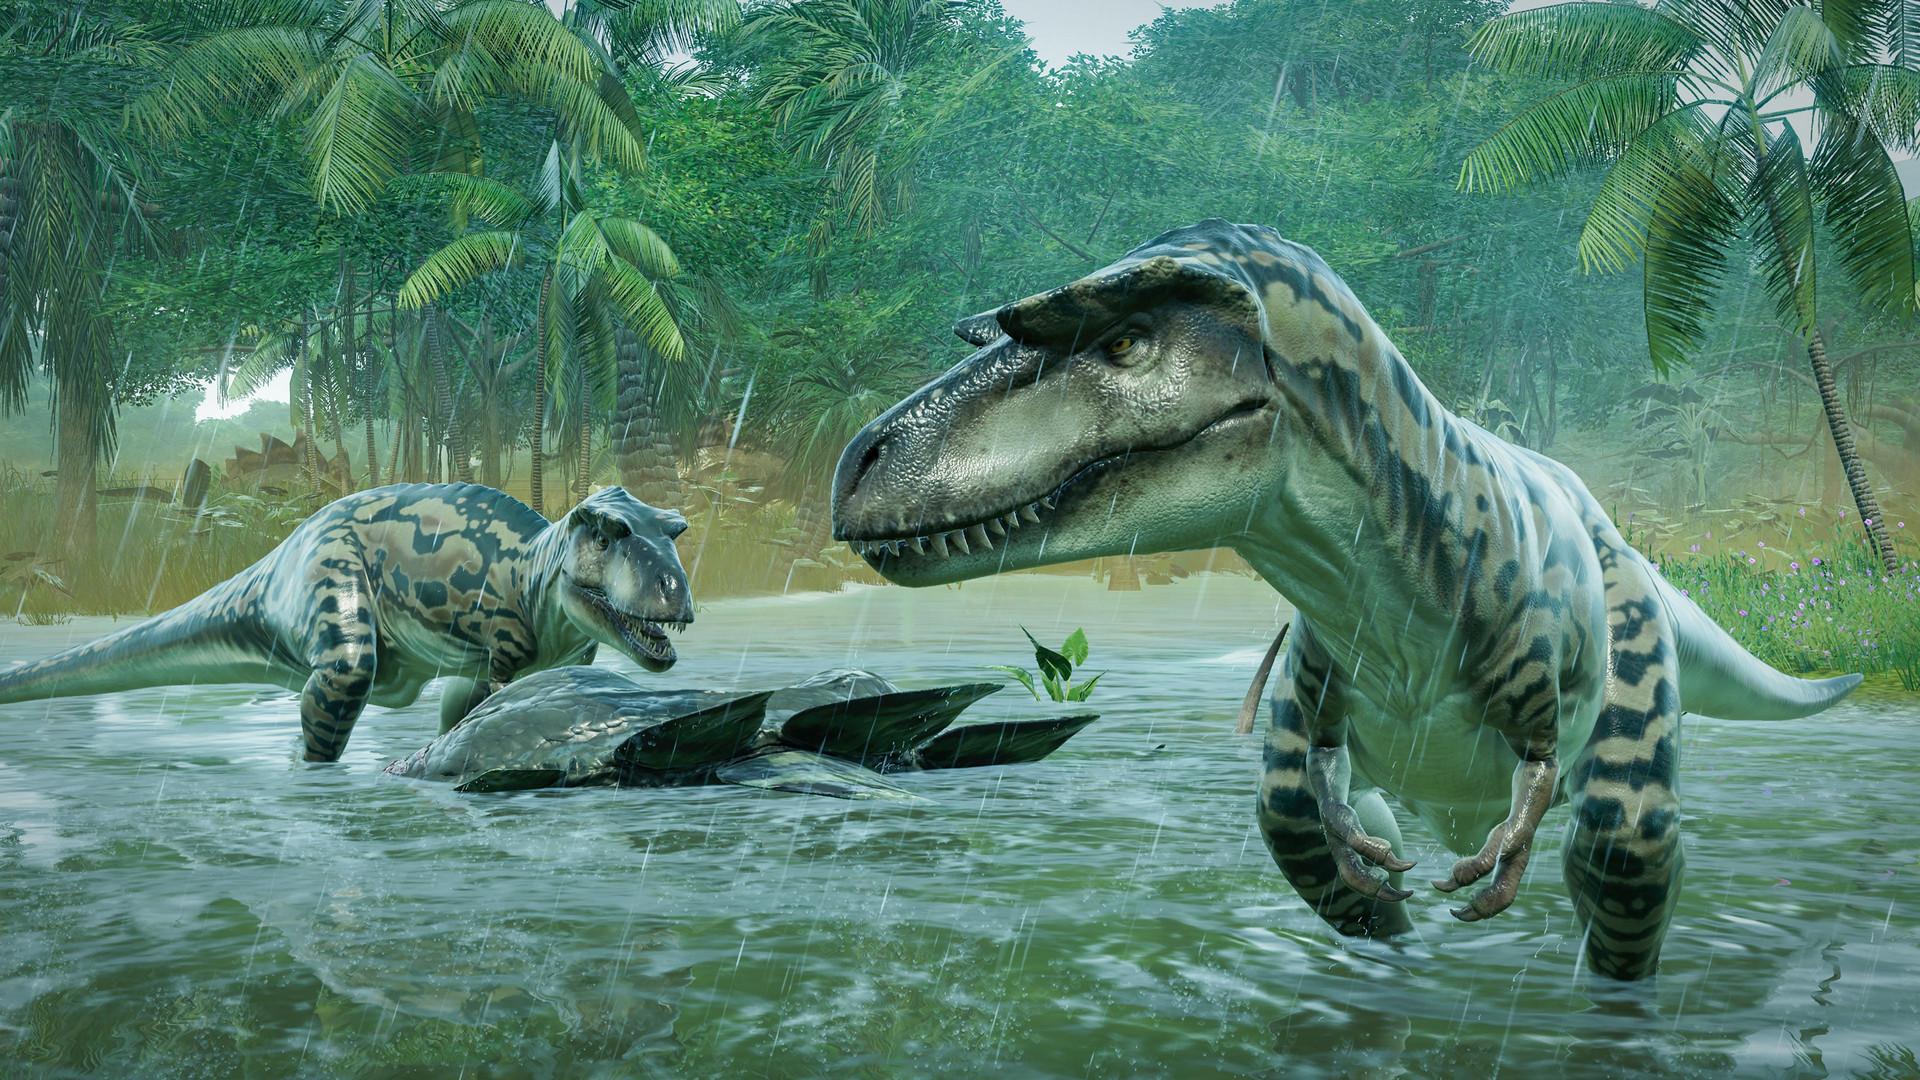 سی دی کی اریجینال استیم Jurassic World Evolution: Claire's Sanctuary